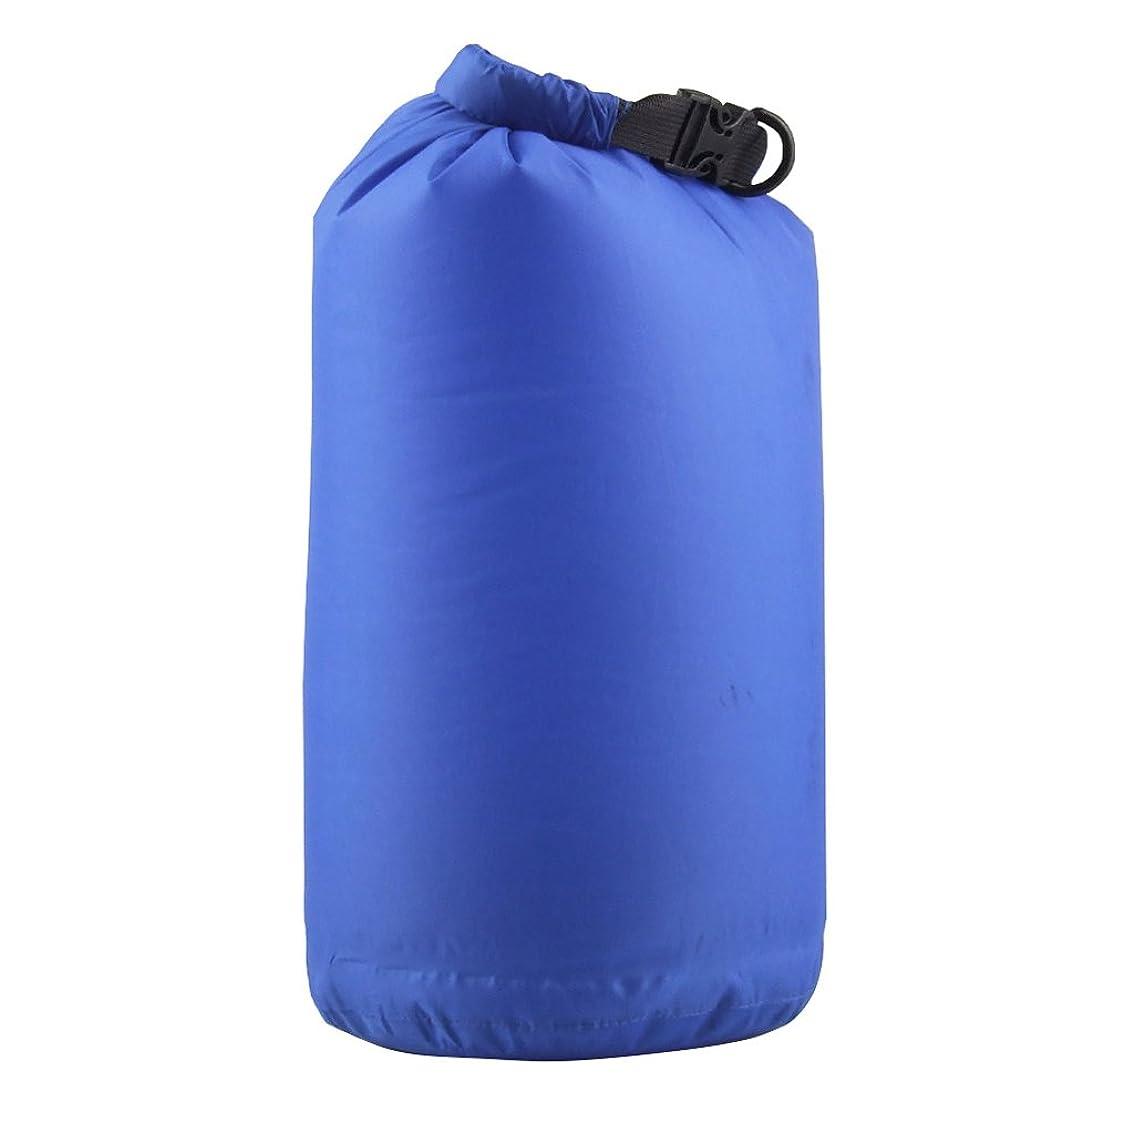 栄光アーティファクト海洋キャンプのための12lの防水ロールのトップ圧縮袋乾燥袋青